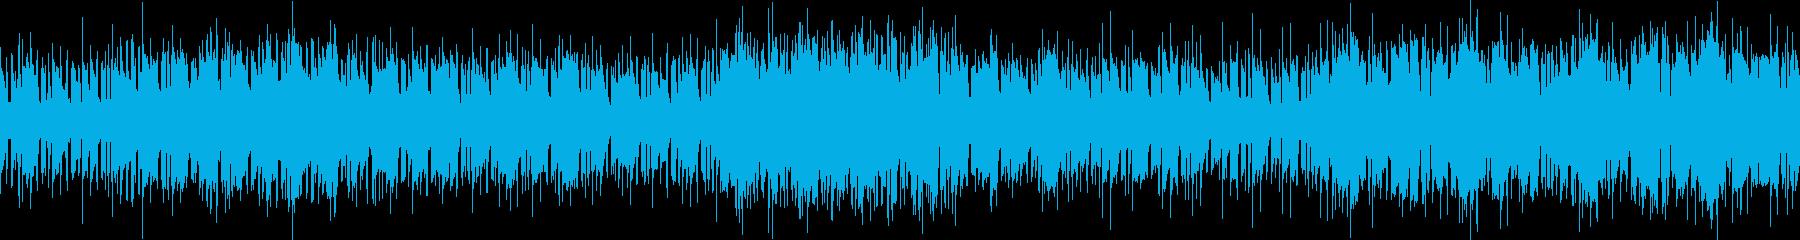 港町・市場のような民族音楽(ループ版)の再生済みの波形